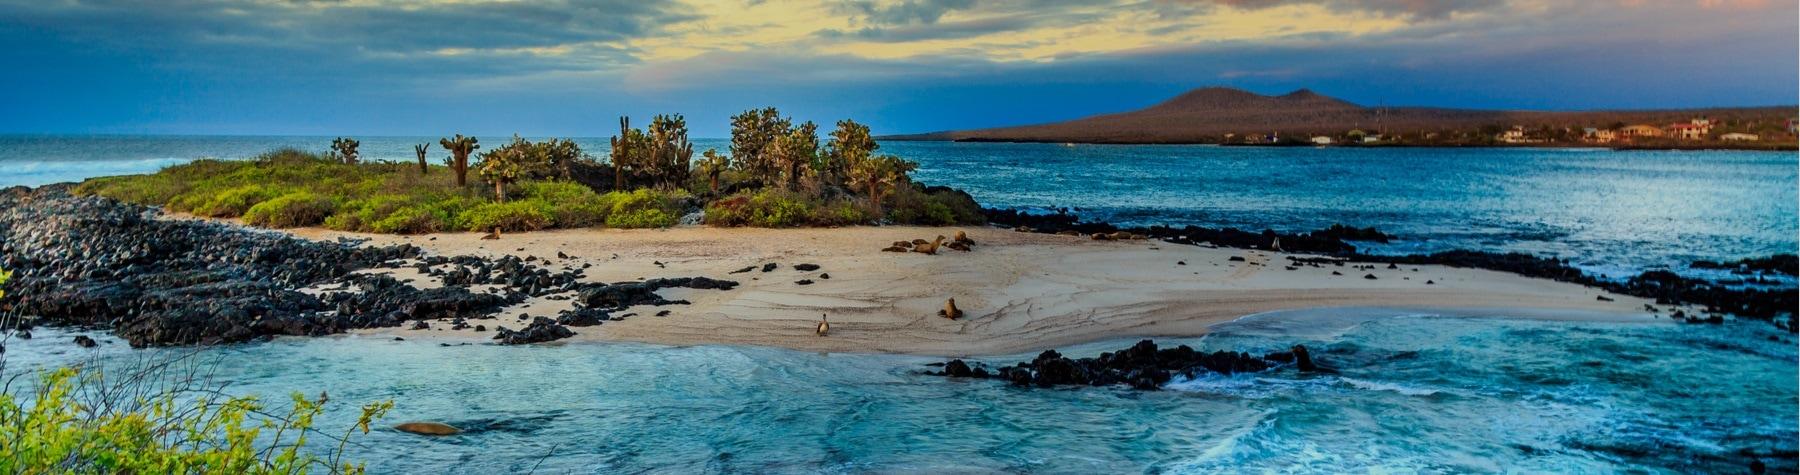 Best Luxury Galapagos Cruises 2019